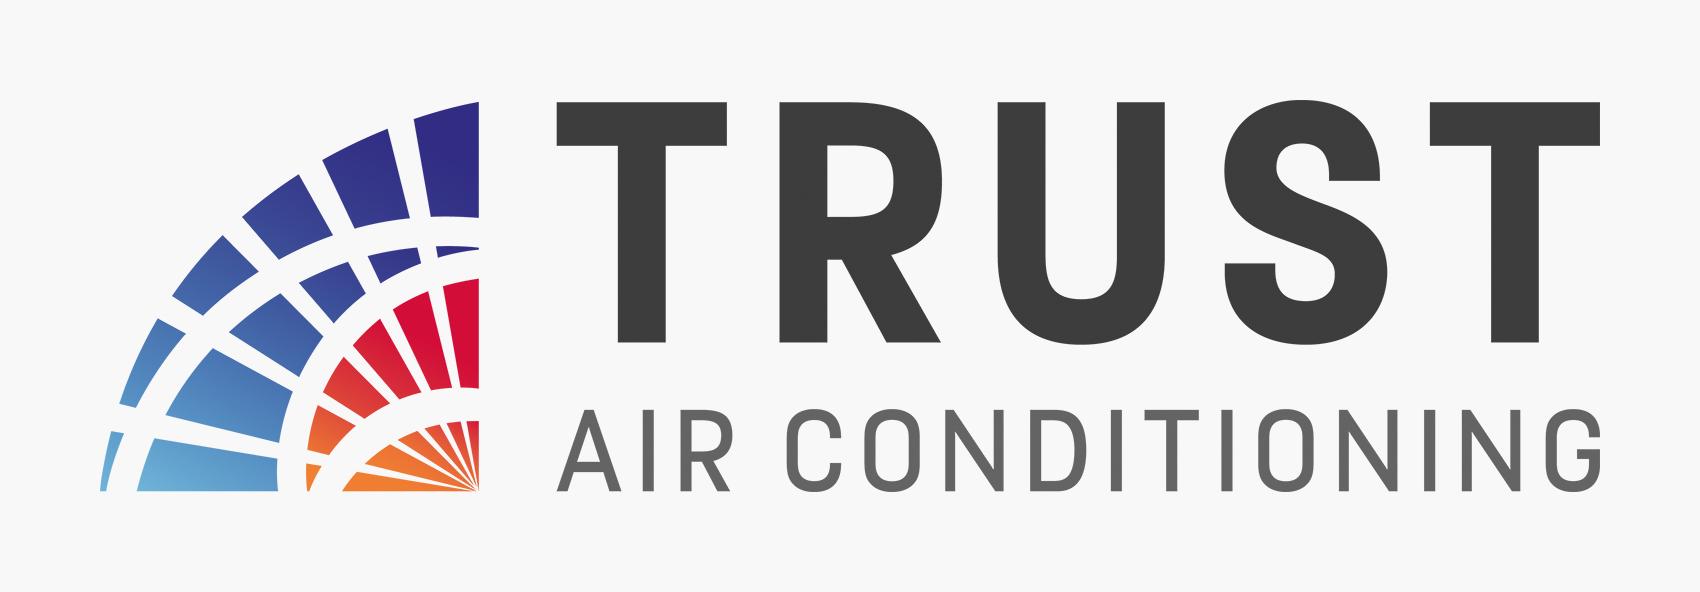 TRUST AIR CONDITIONING